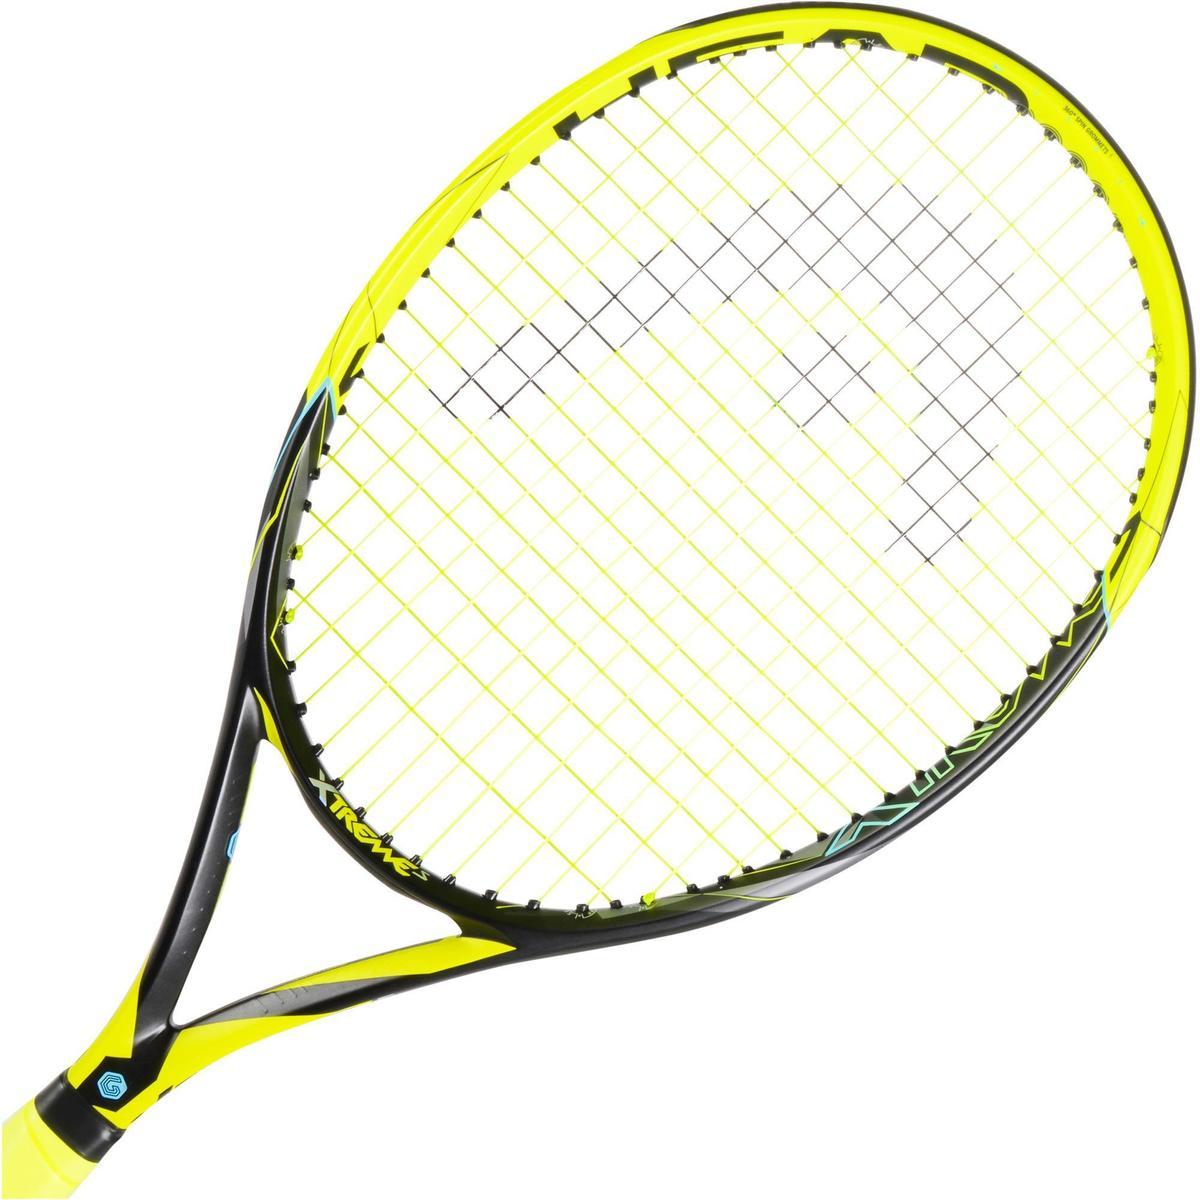 Bild 4 von Tennisschläger Extrem S besaitet schwarz/gelb